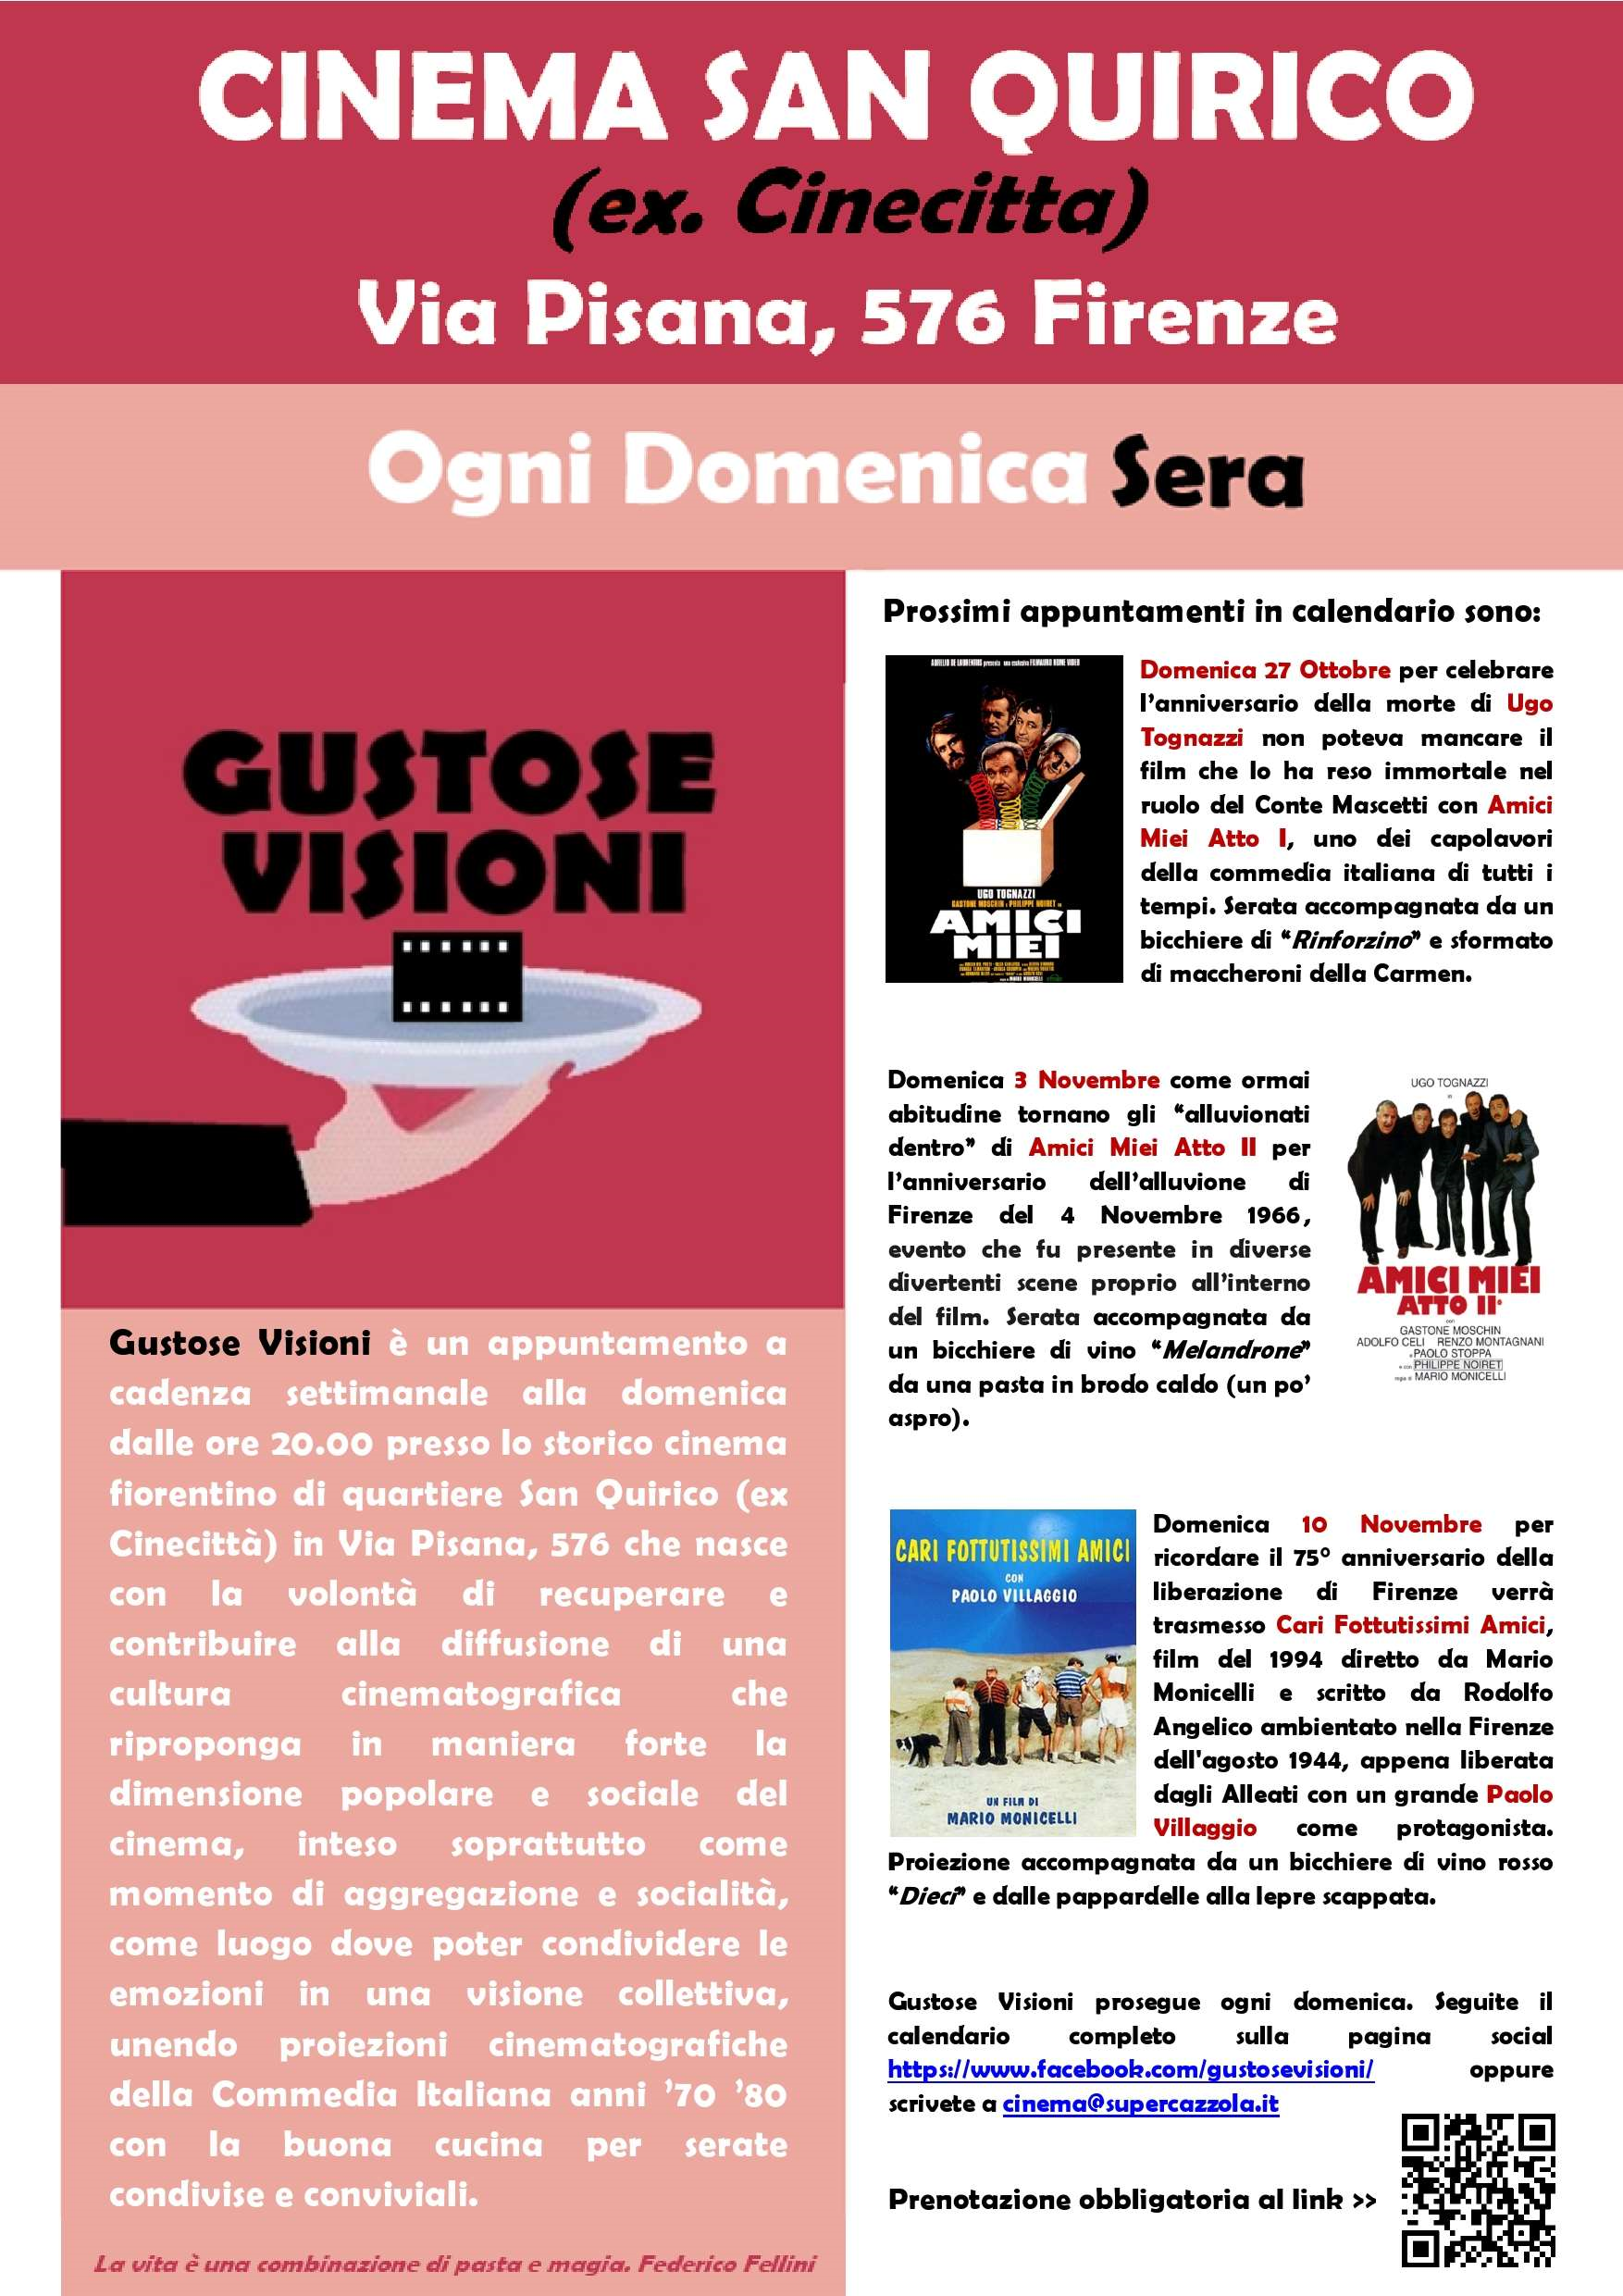 'Gustose visioni' ricorda Ugo Tognazzi con il film Amici Miei al Cinema San Quirico